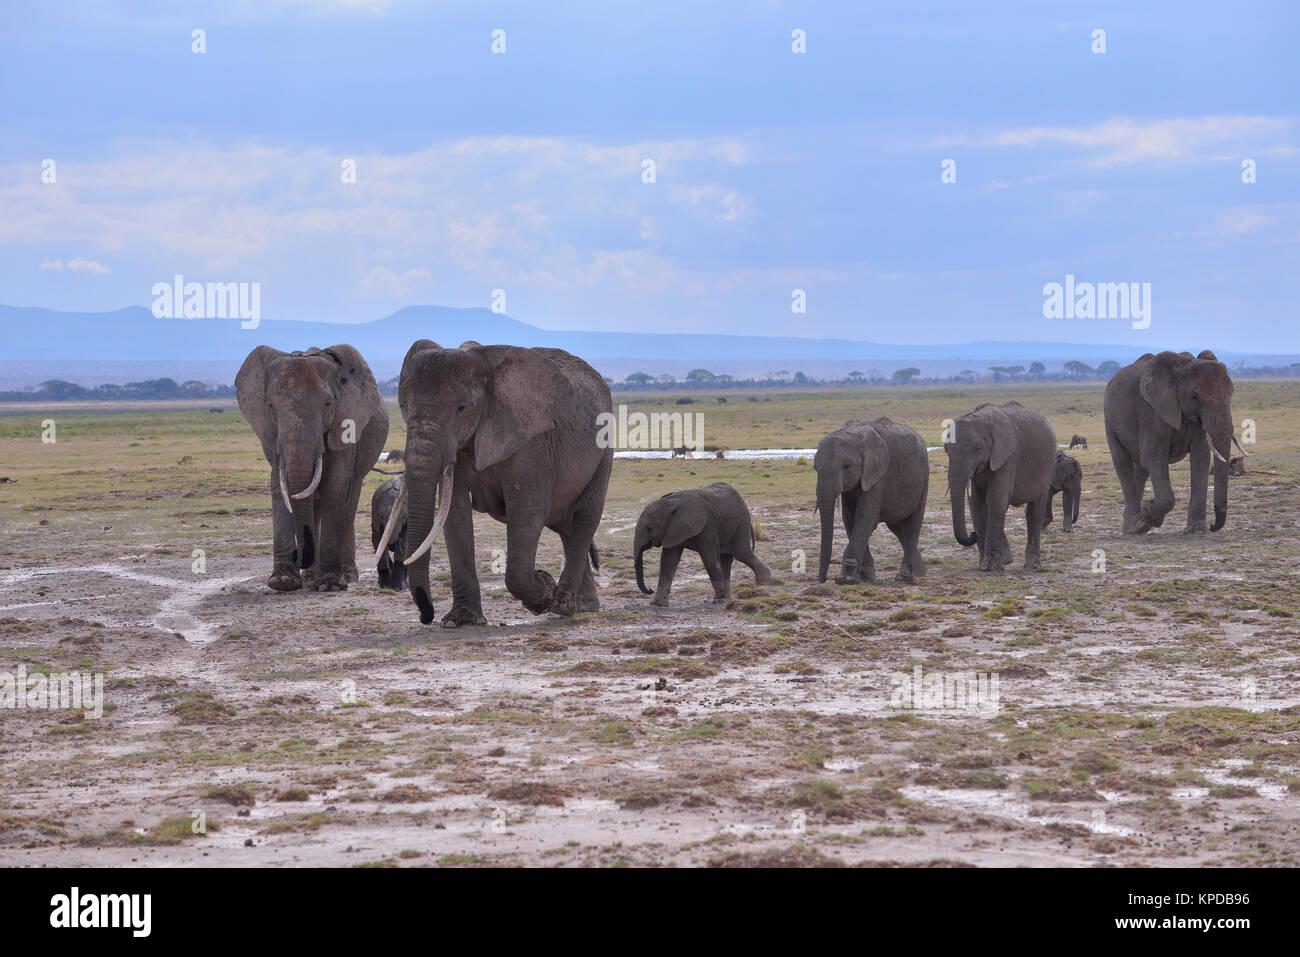 Kenia ist ein hervorragendes Reiseziel in Ostafrika. Berühmt für die freilebenden Tiere und wildwachsenden Pflanzen Stockfoto